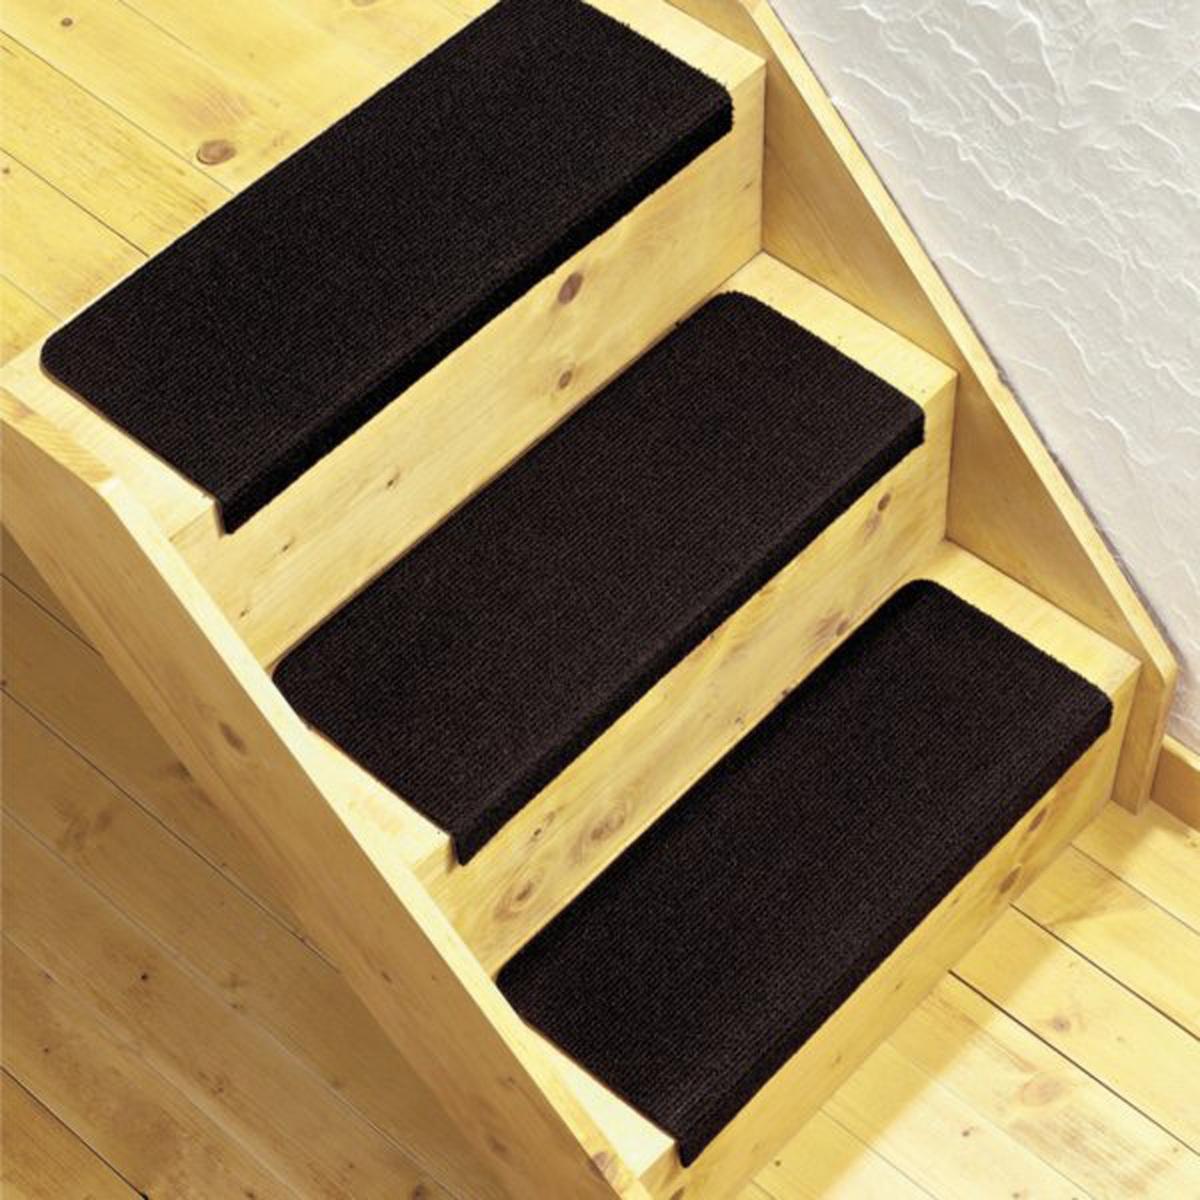 Комплект из 3 ковриков для лестницХарактеристика коврика для лестниц :100% полипропилен.Машинная стирка при 30 °С. Описание коврика для лестниц:Обработка против пятен.Противоскользящее покрытие на латексной основе снизу.Заранее сформированные ступени для быстрой укладки и отличного внешнего вида. Размеры :Ширина. 26 x Длина. 59 см.Качество VALEUR S?RE за износостойкость.<br><br>Цвет: светлый каштан